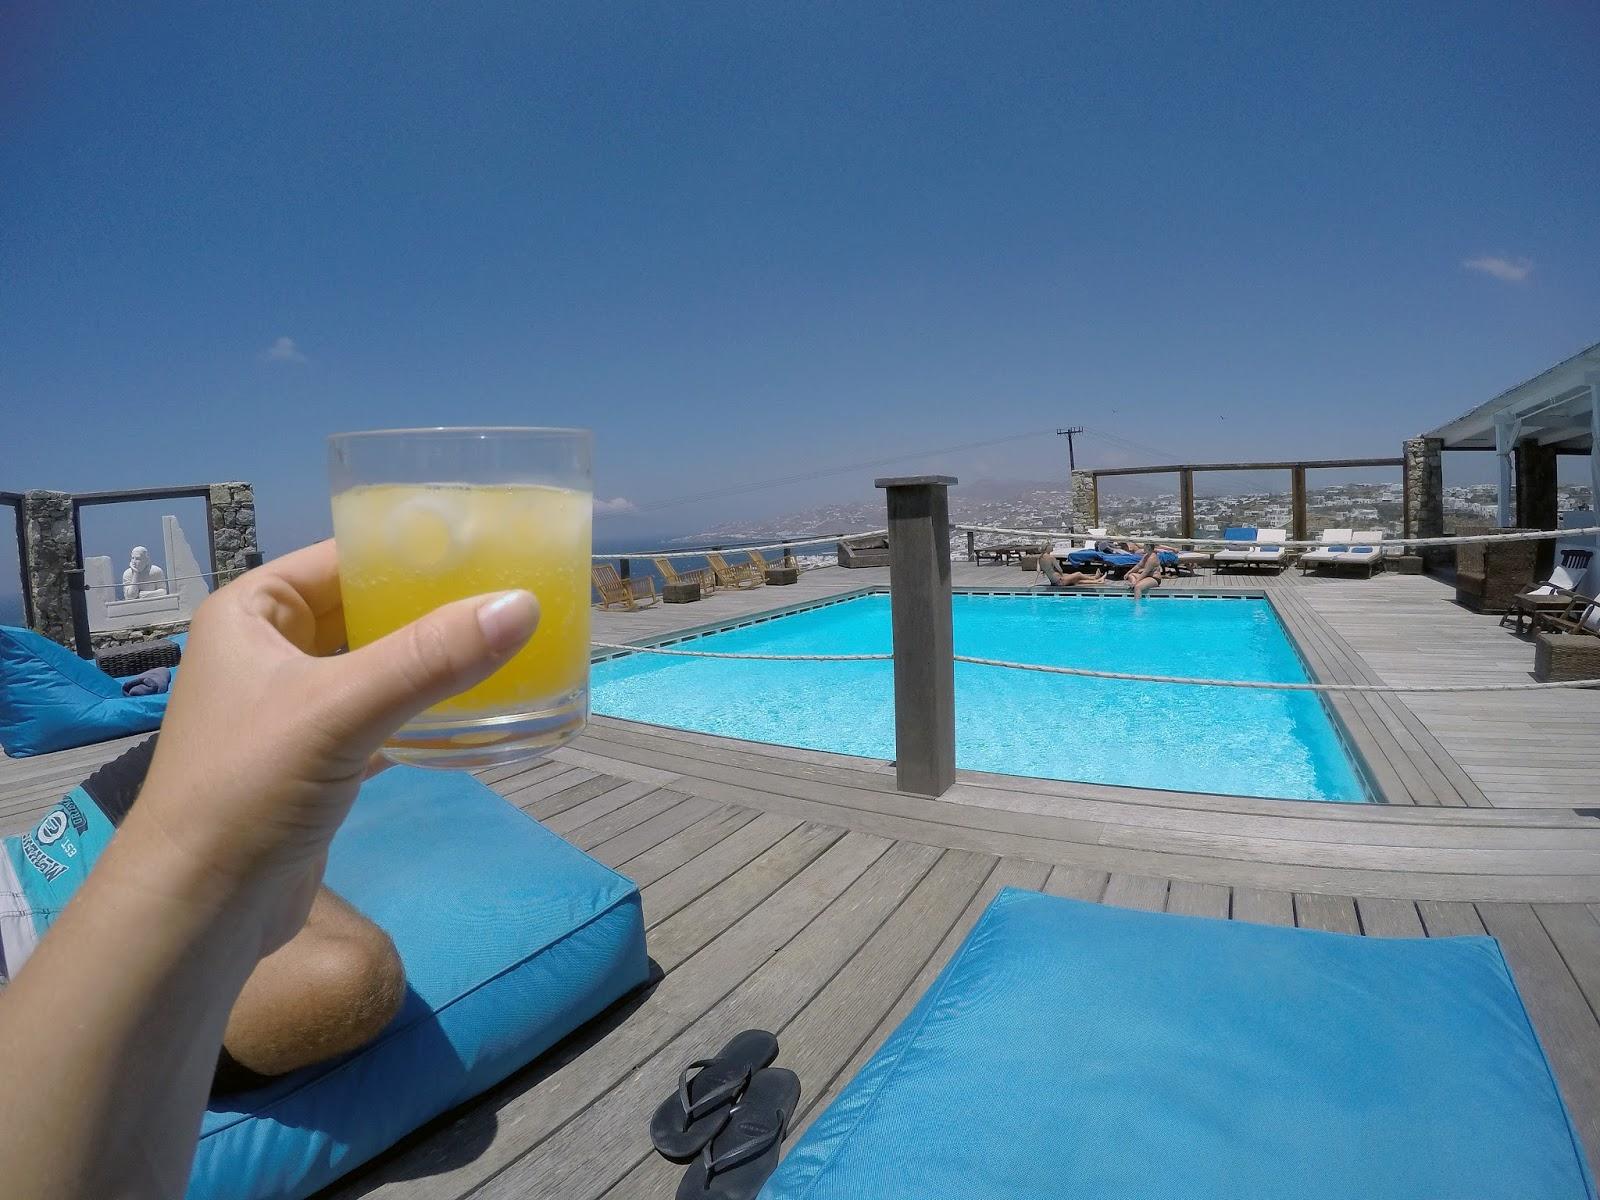 Tharroe of Mykonos Drinks by Pool